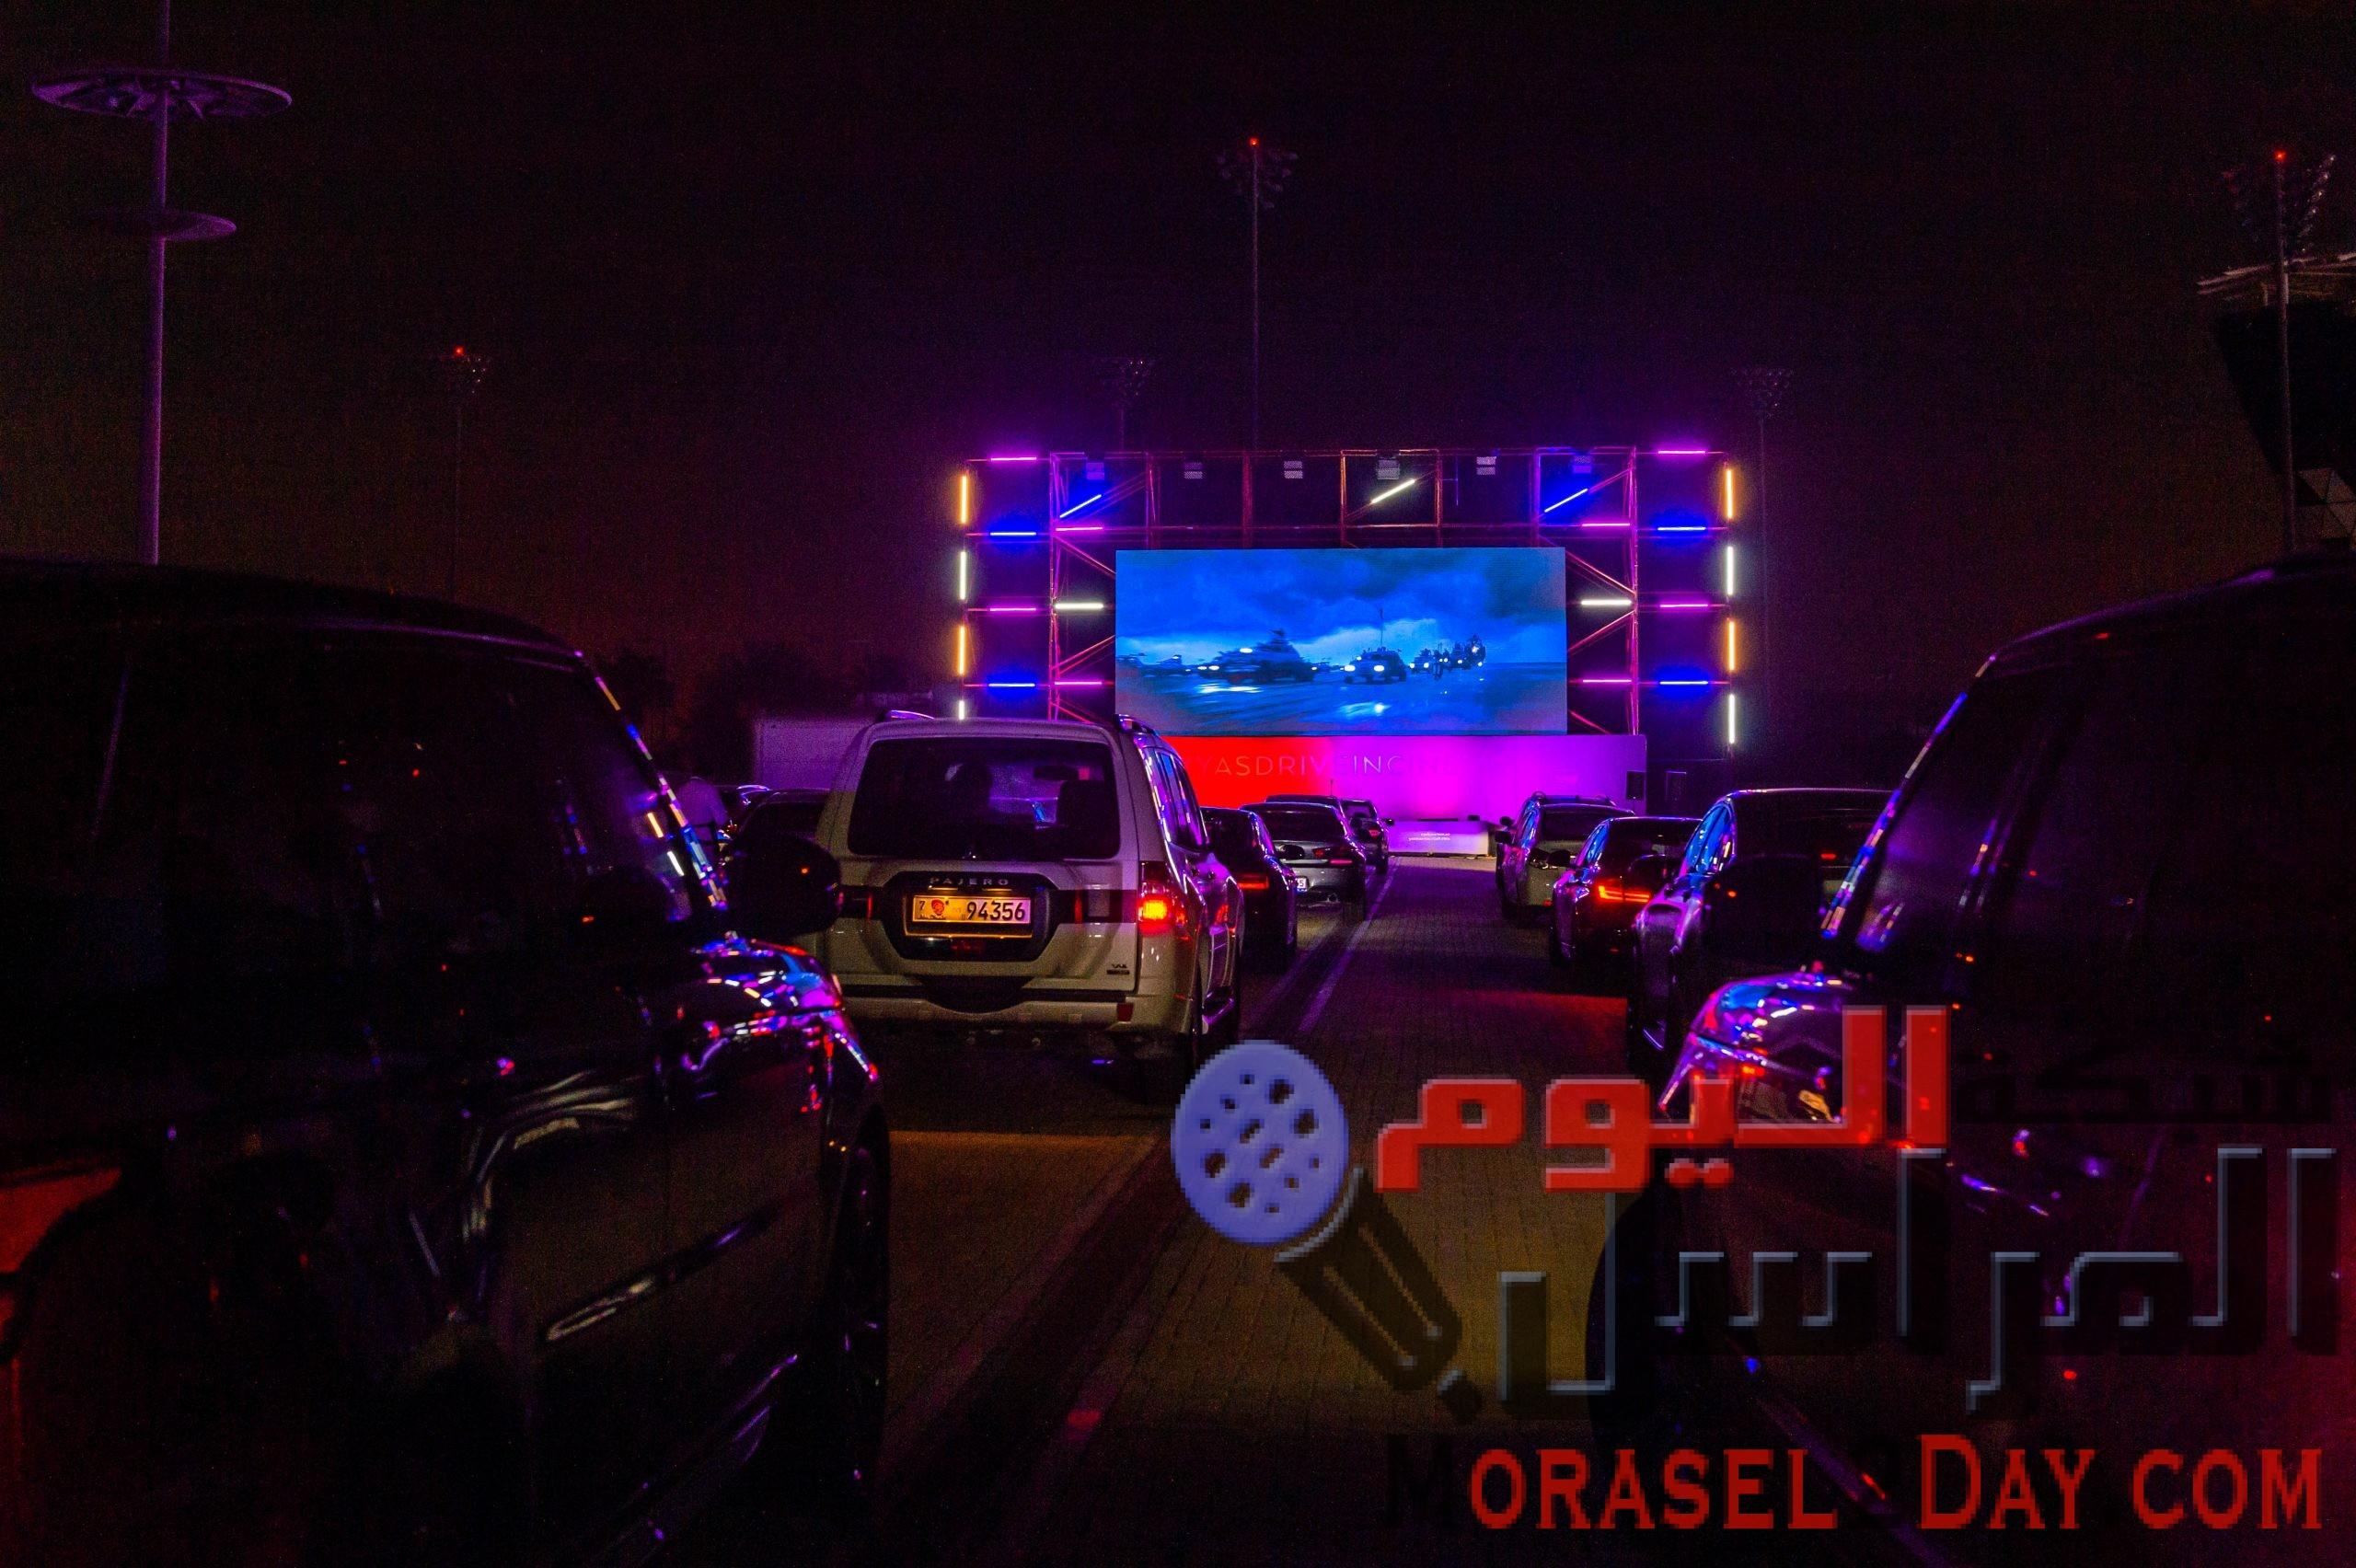 عروض سينمائية عائلية وفعاليات قيادة حماسية في حلبة مرسى ياس